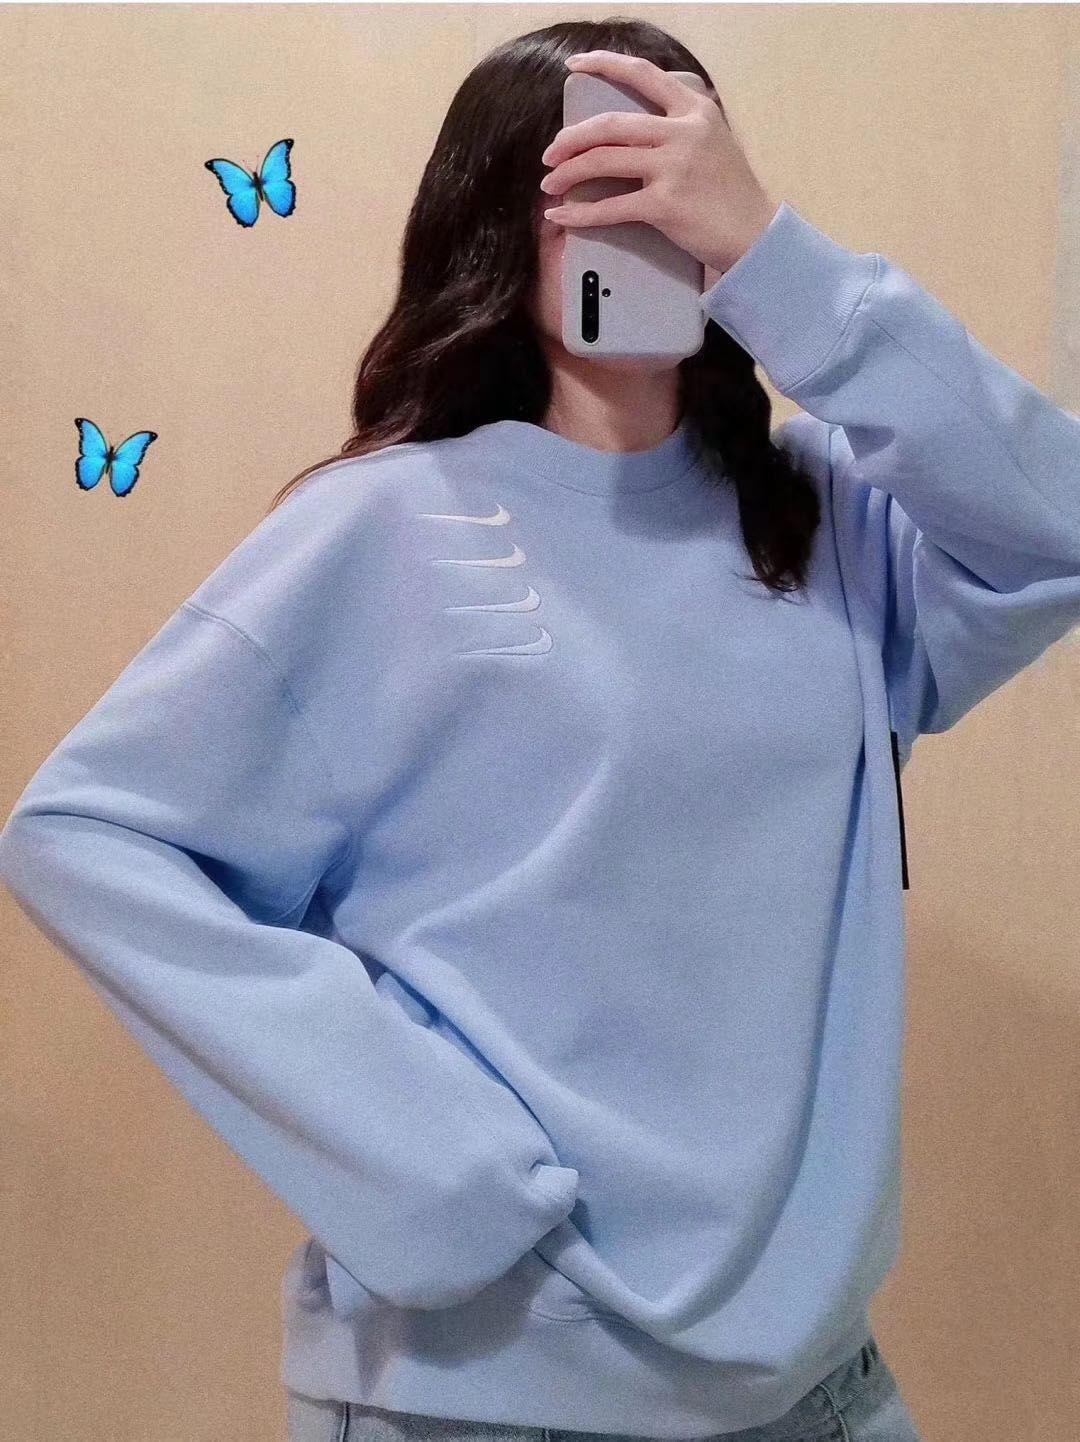 2020 yeni stiller kadın kazak moda pamuk nefes alabilen dört kanca üç renkli şeker renkli havlu S-M-L erkekler ve kadınlar aynı kazak